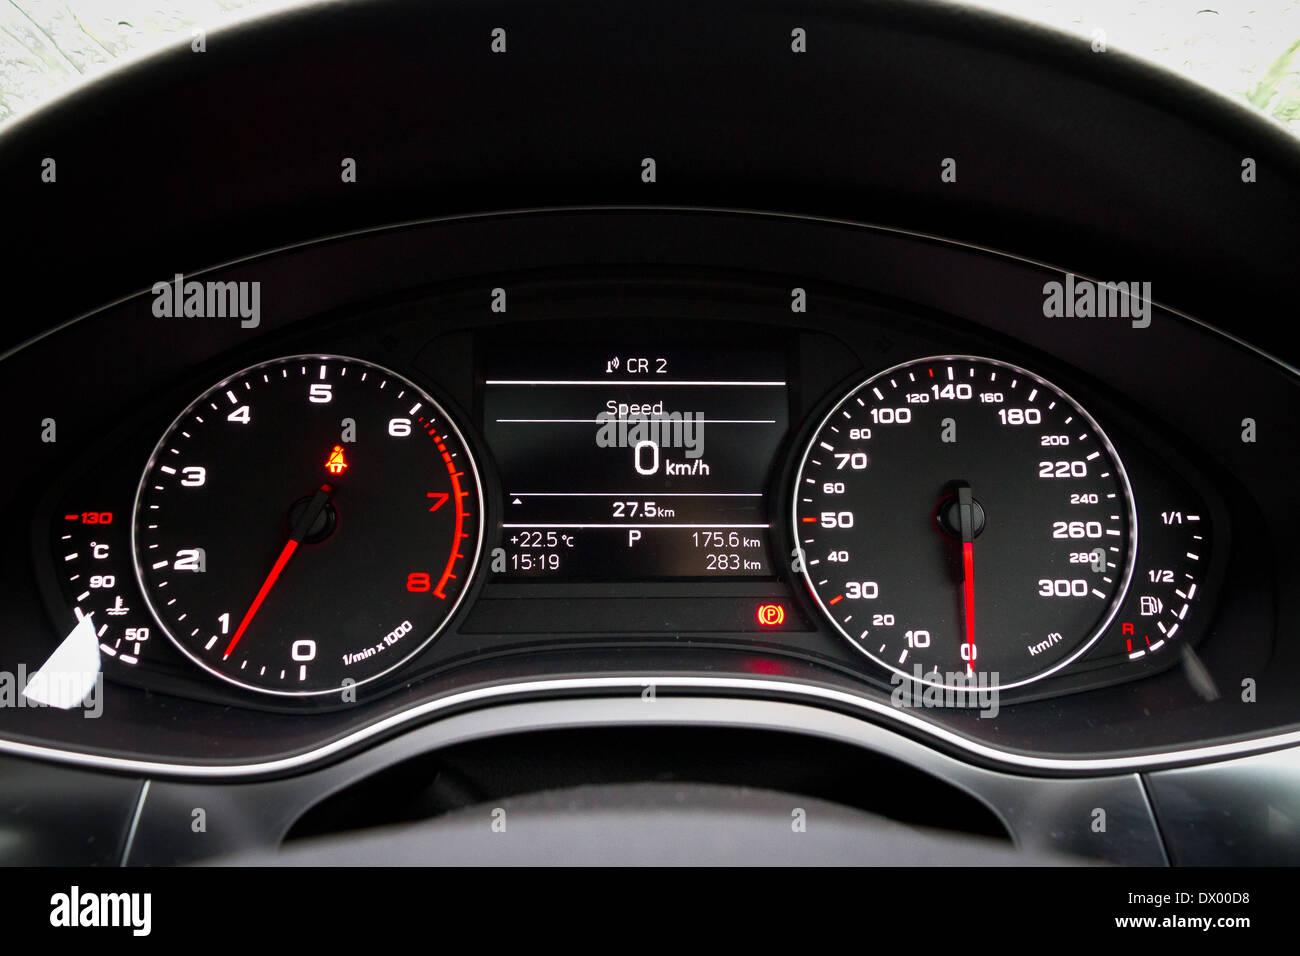 Audi A6 Tableau De Bord Banque D Images Photo Stock 67612532 Alamy